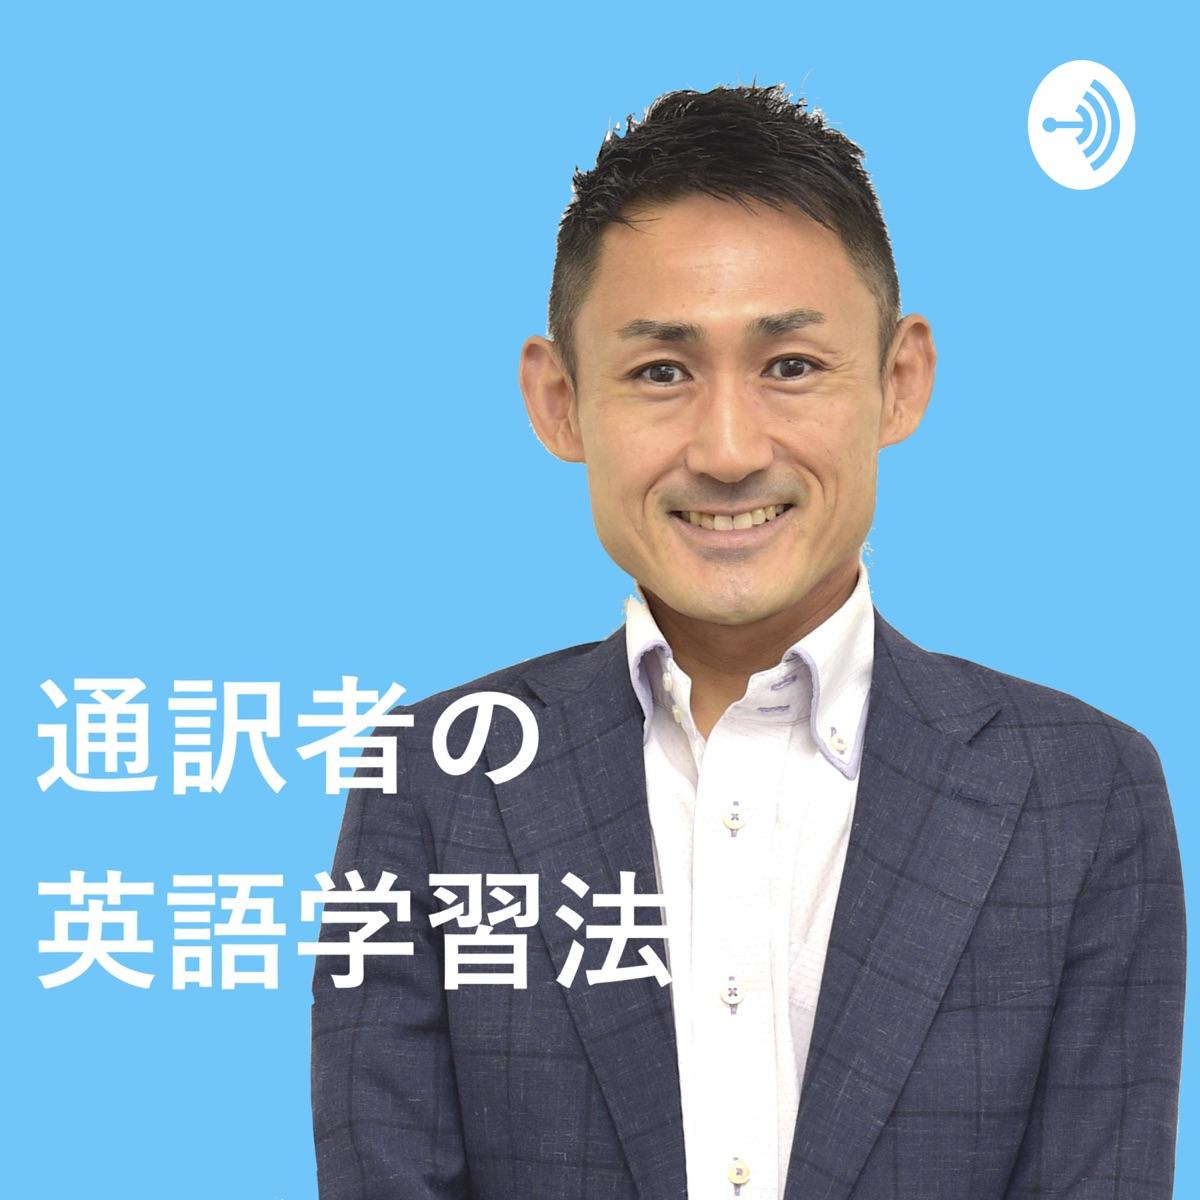 者 英語 通訳